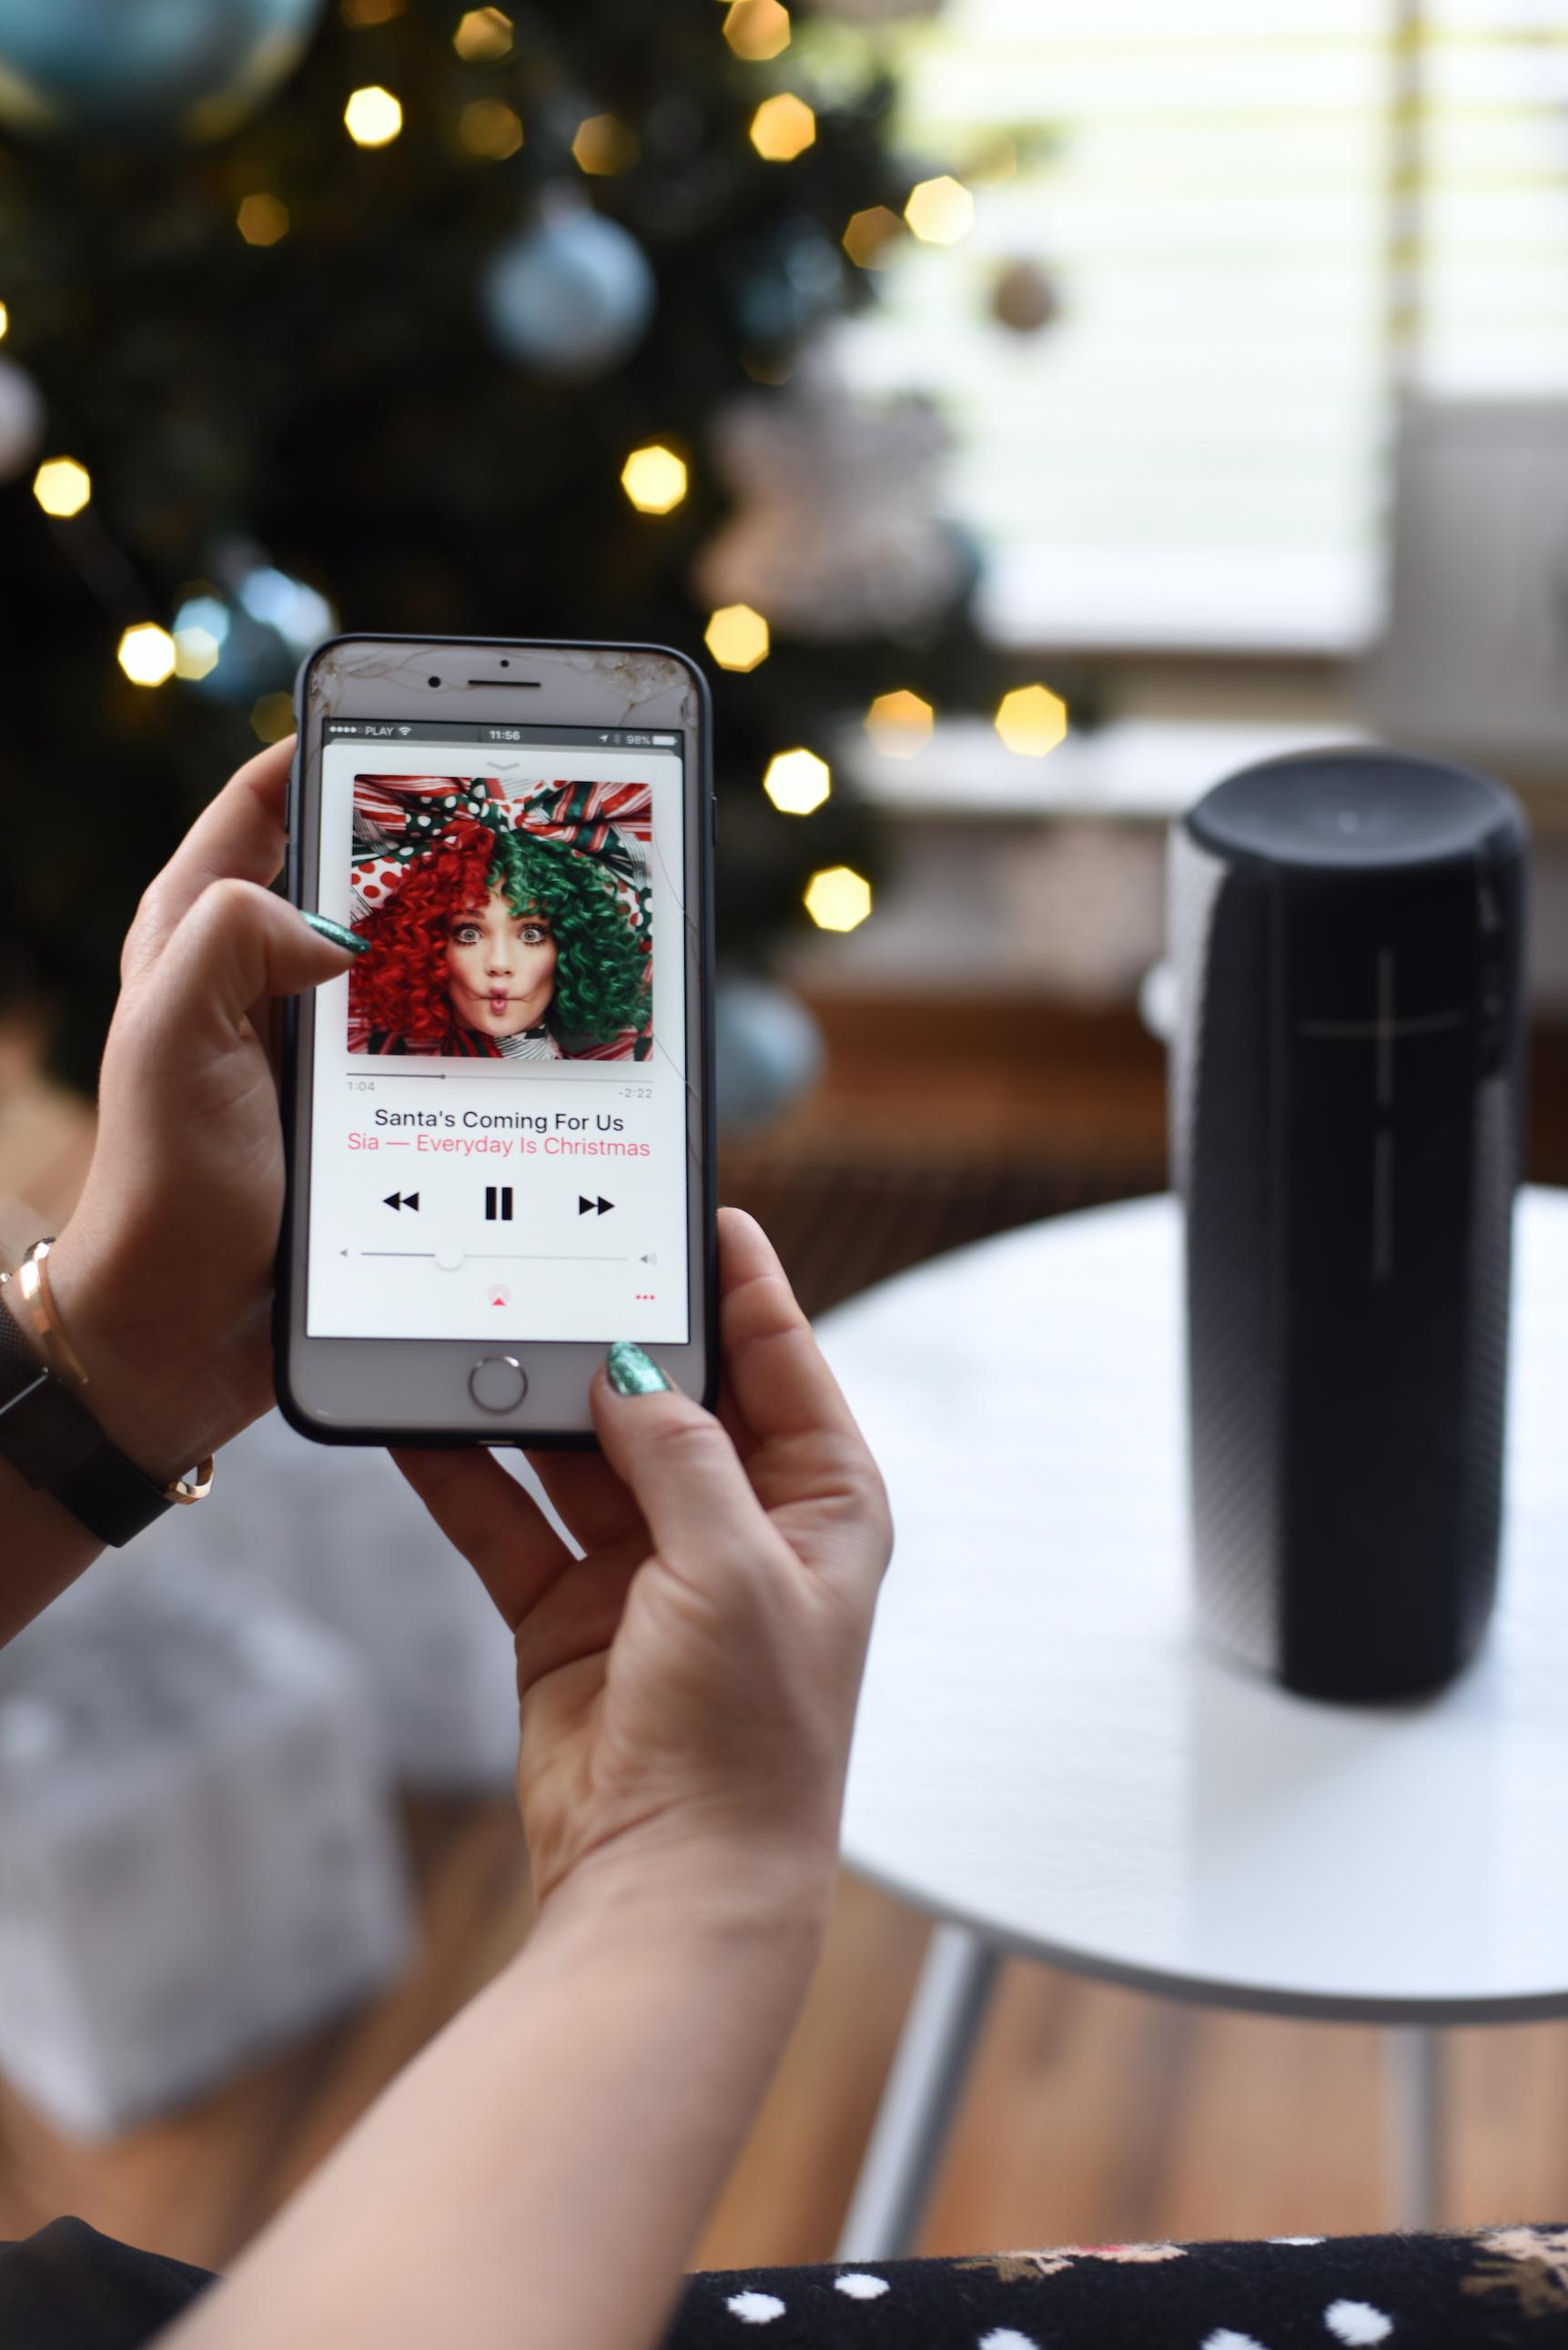 świąteczna płyta sia